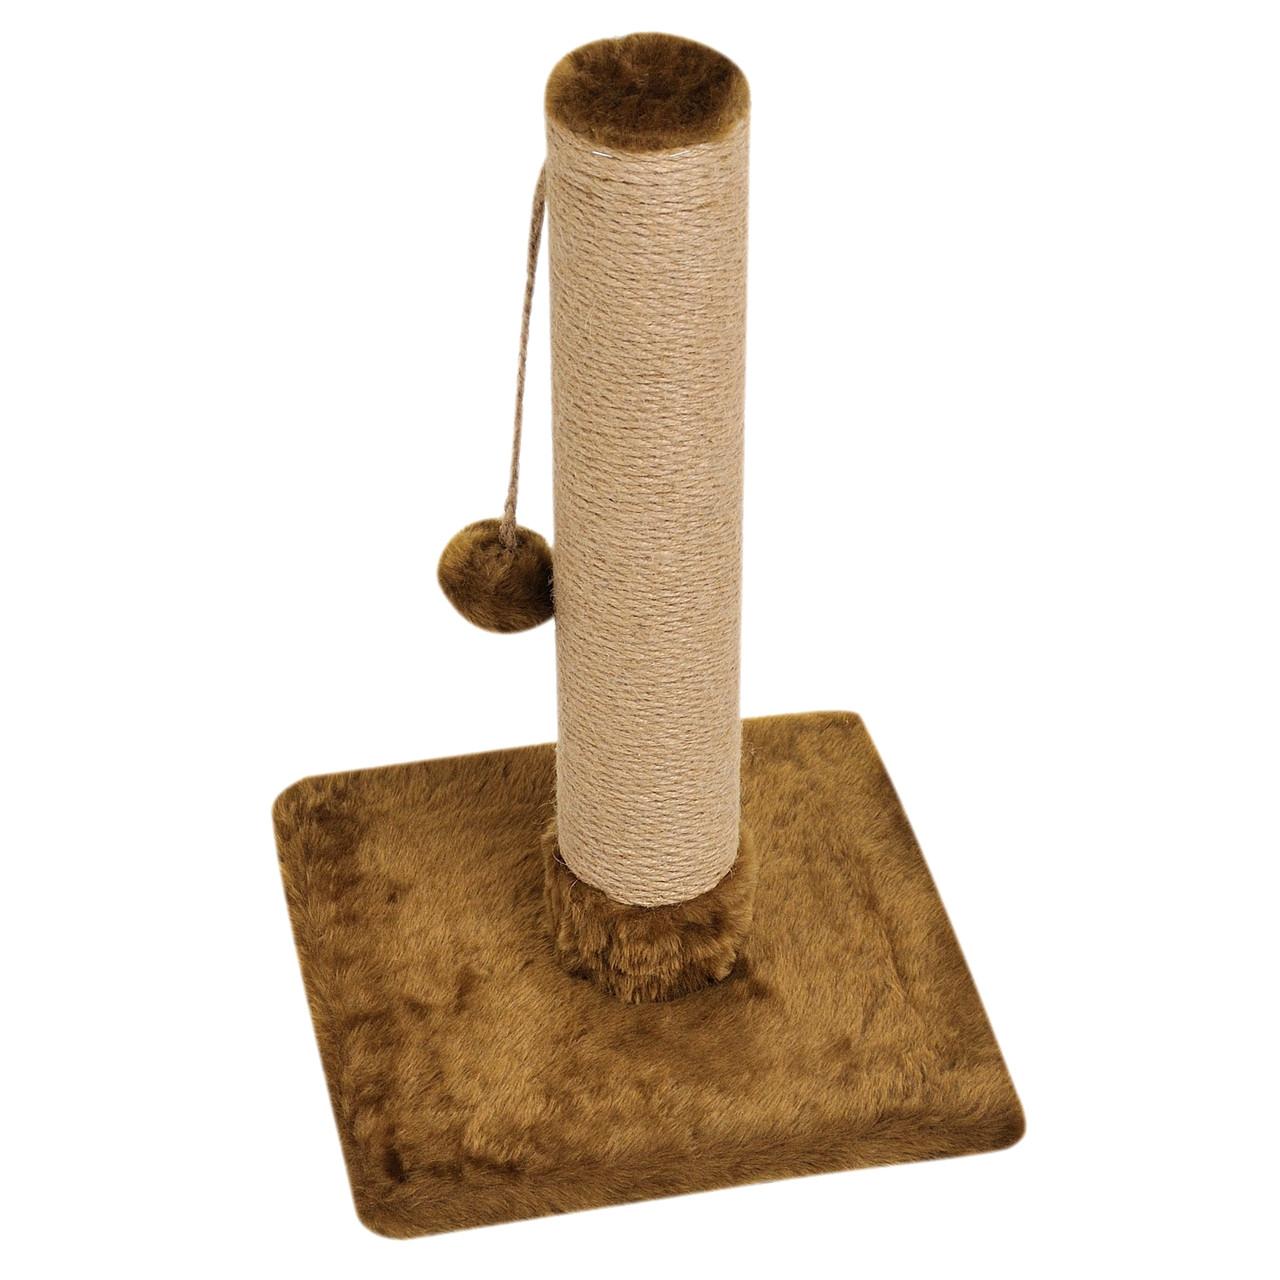 Когтеточка-стовпчик 33х33х50 см (дряпка) для кішки Коричневий